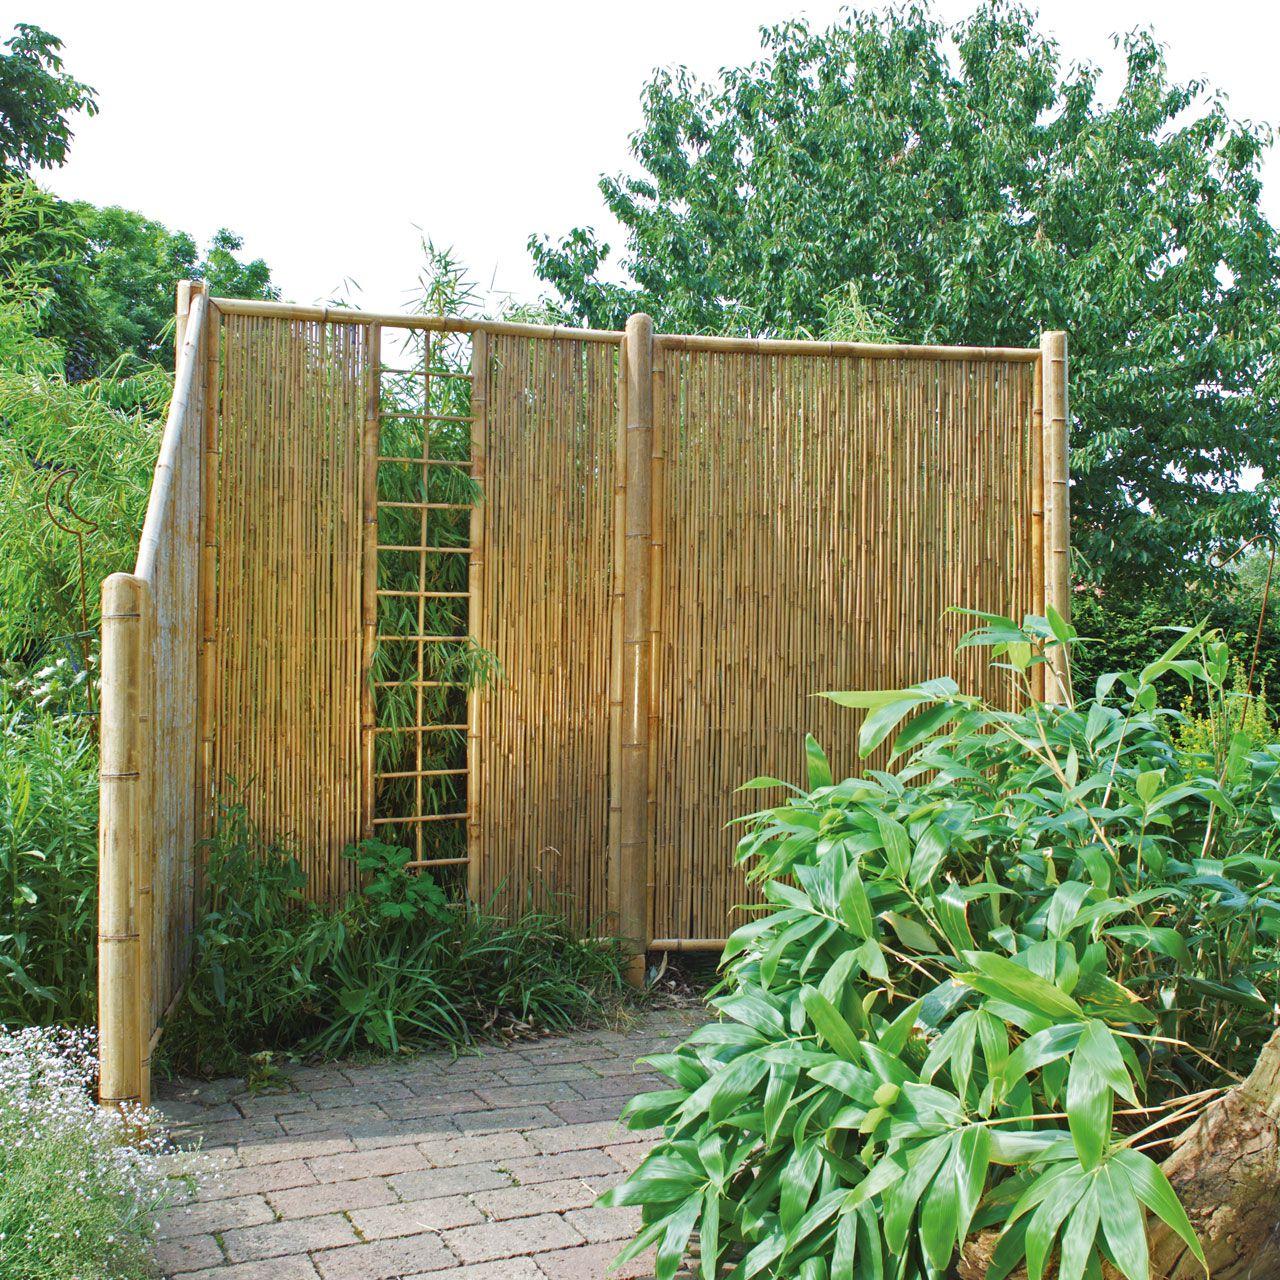 sichtschutzwand bambus, sichtschutzelement zen spalier, Wohnzimmer dekoo